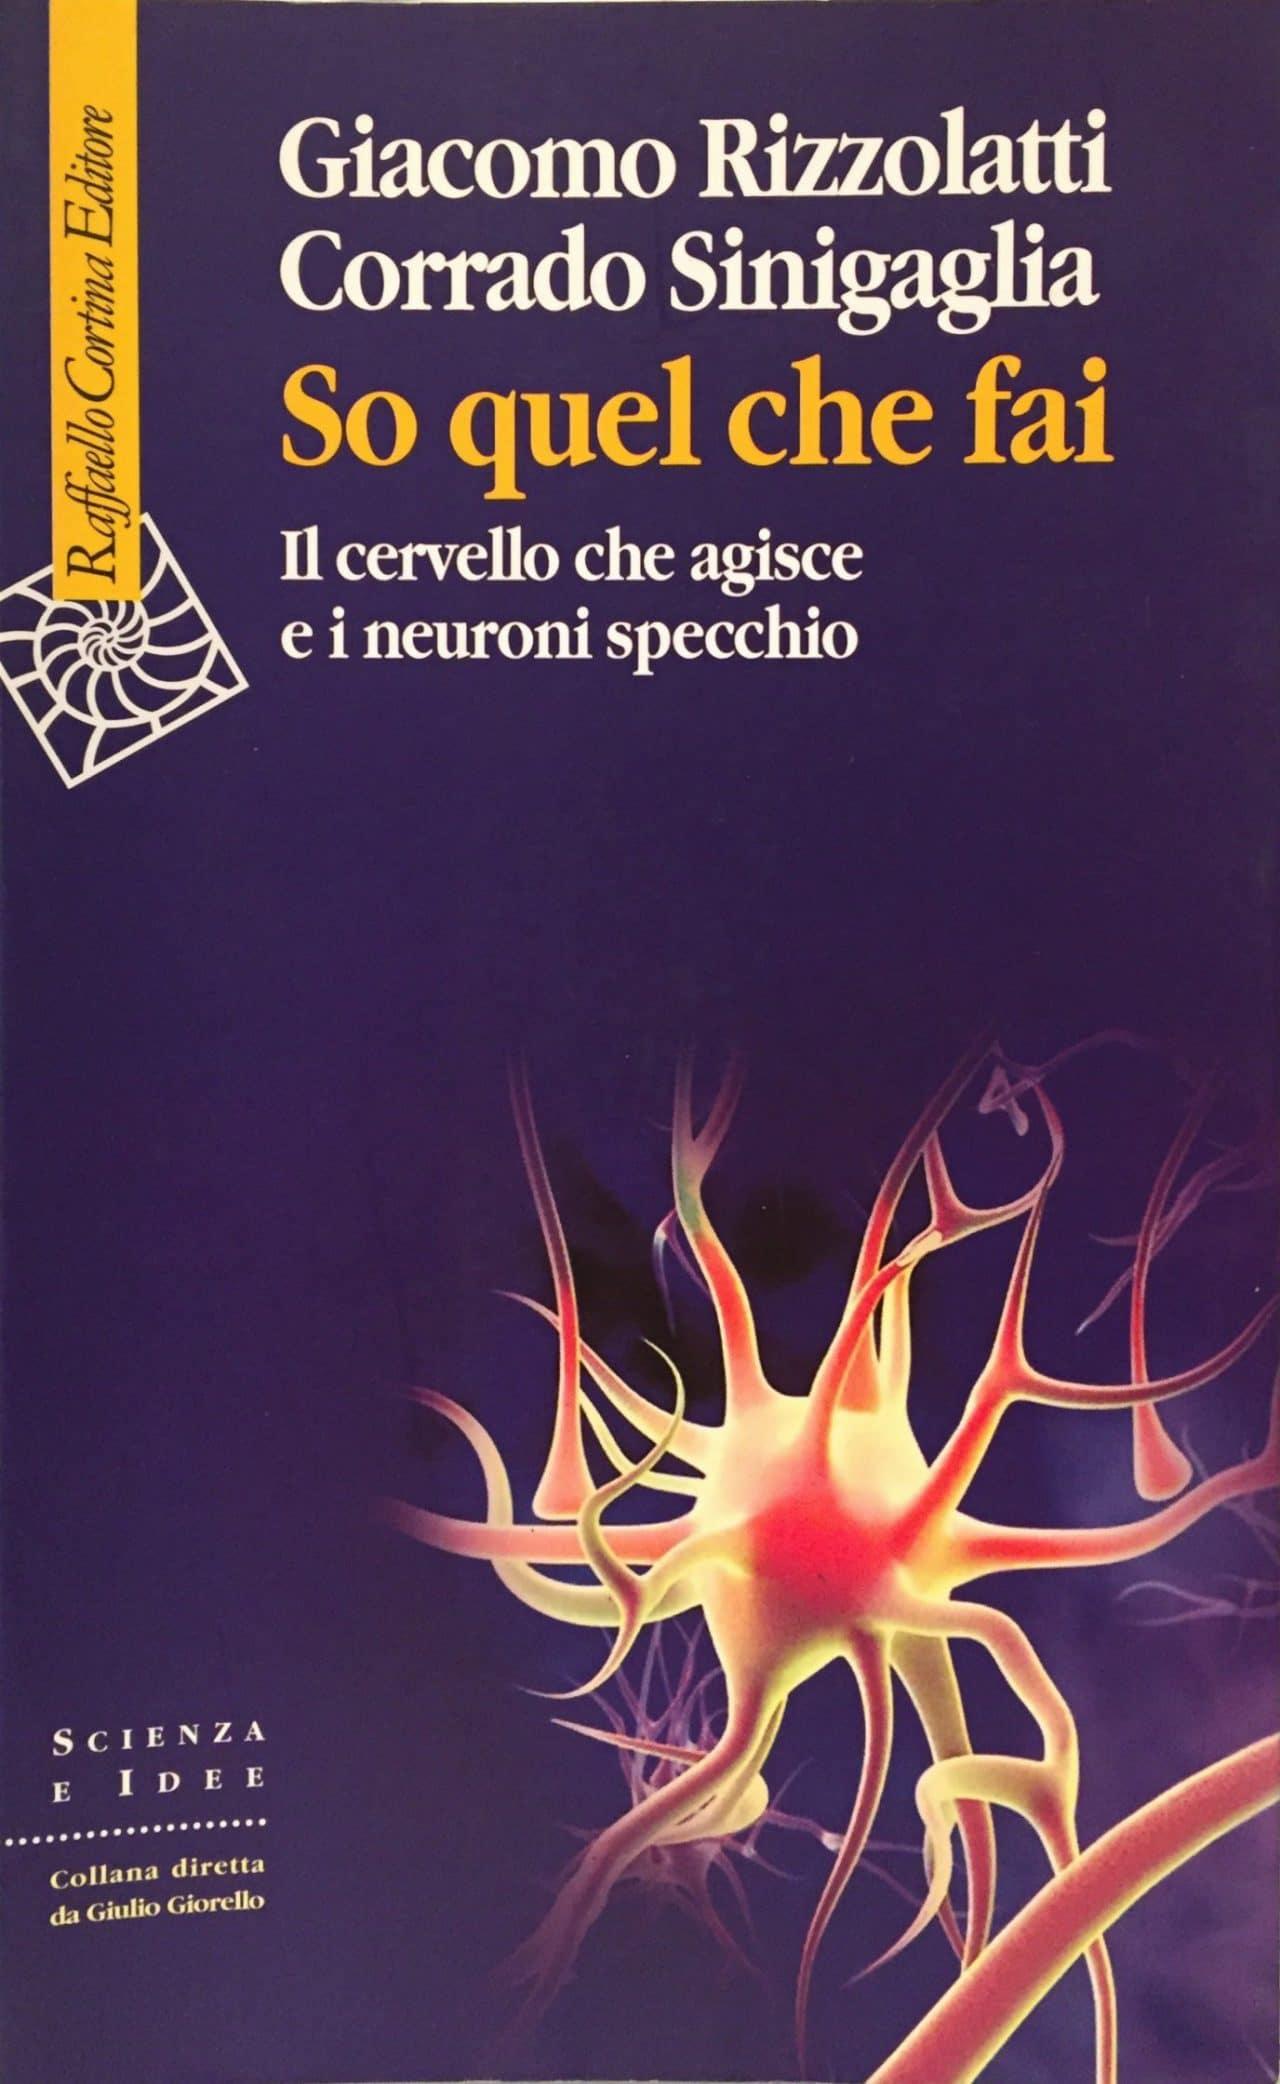 So Quel Che Fai Il Cervello Che Agisce E I Neuroni Specchio